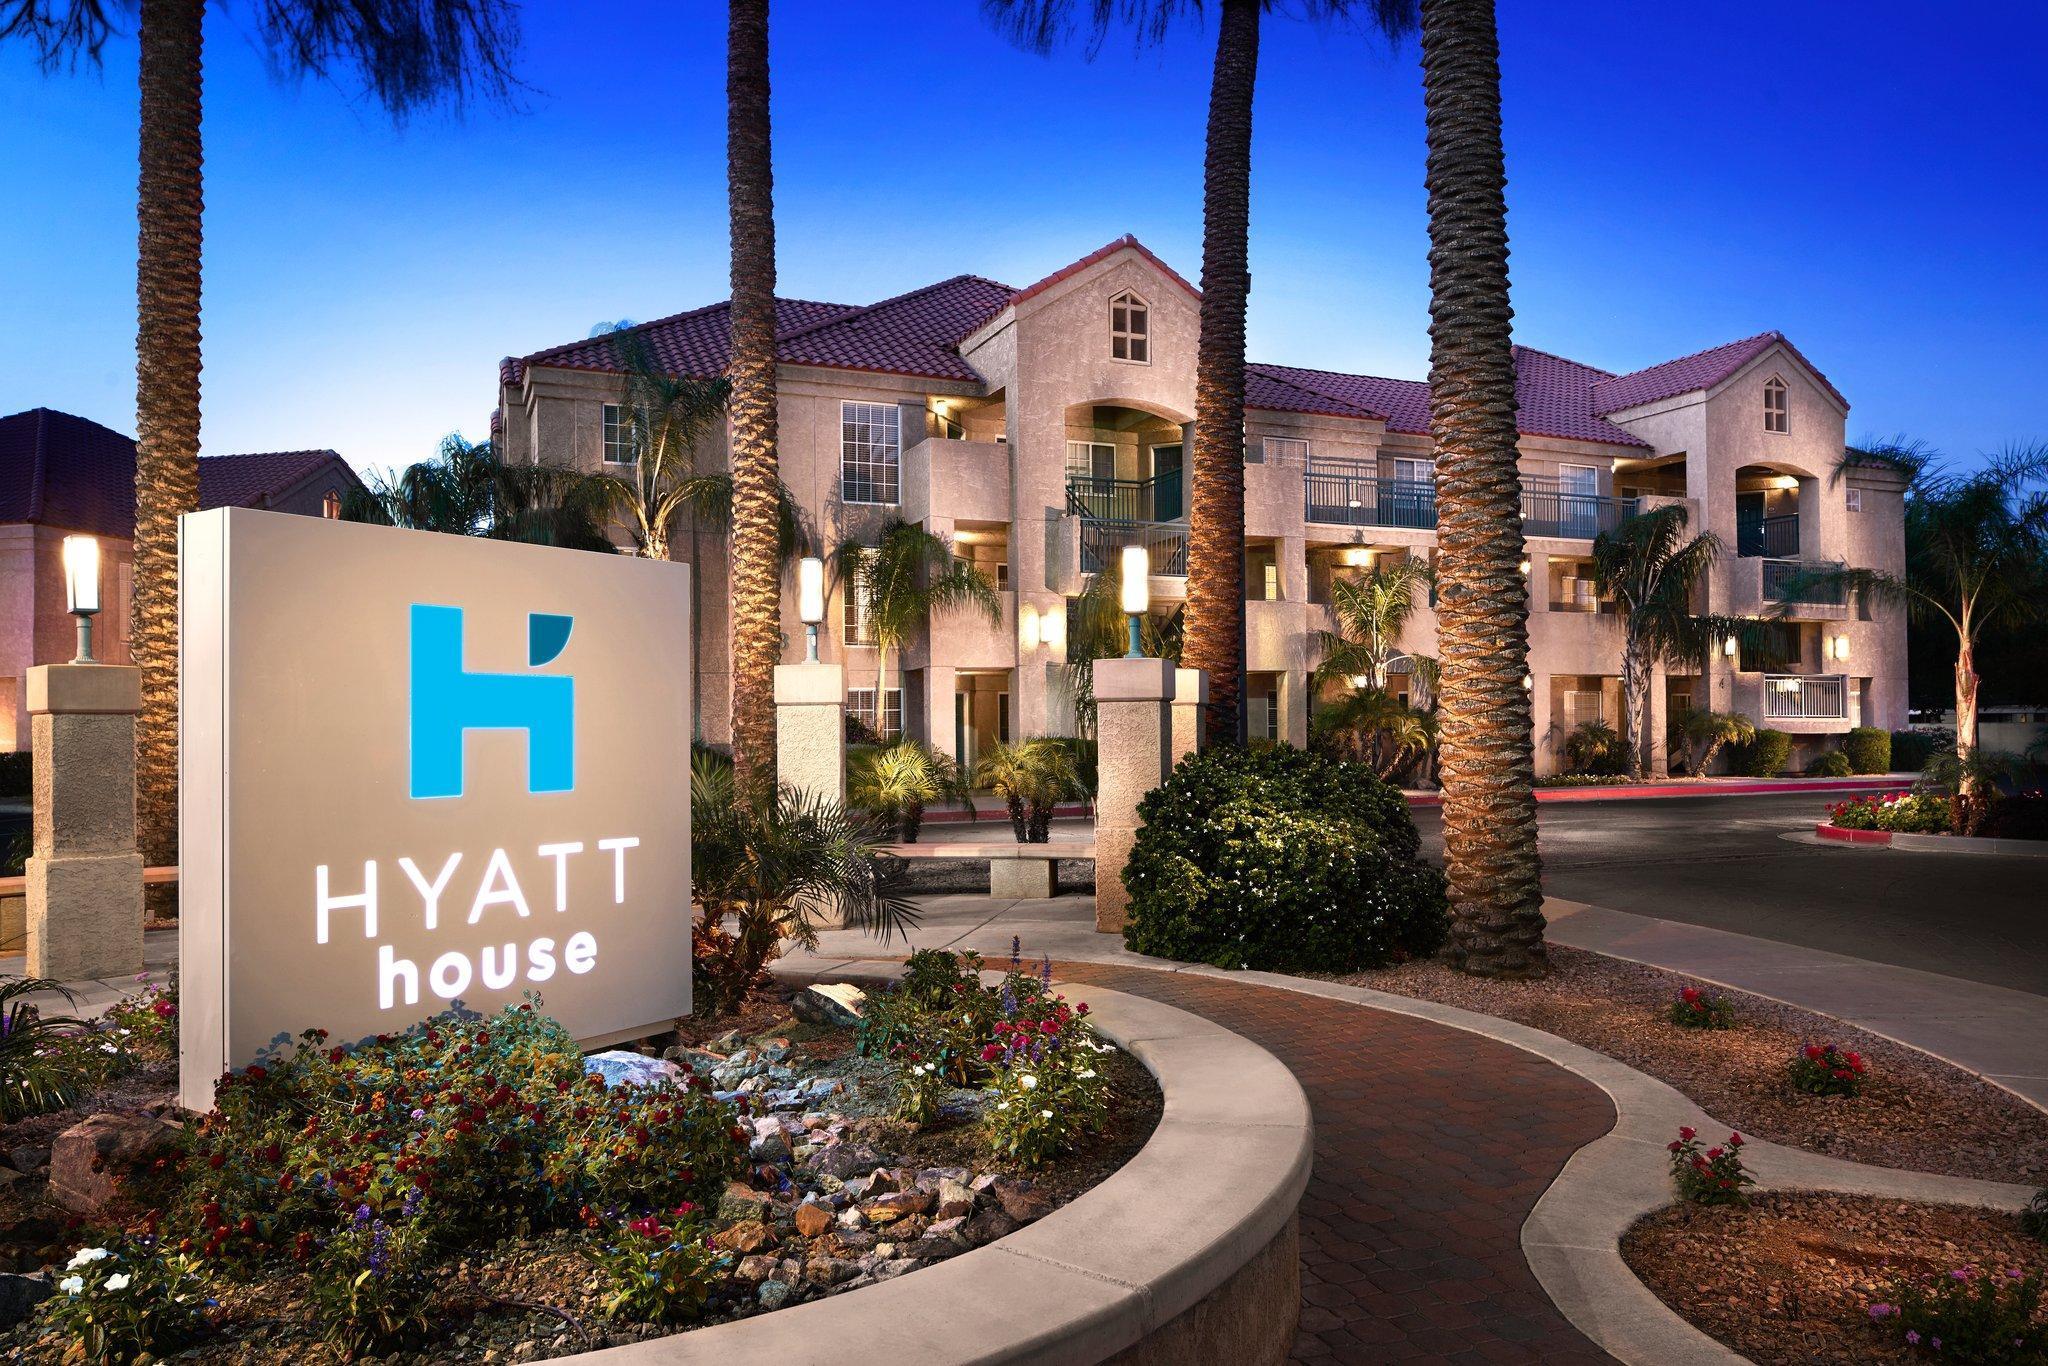 Hyatt House Scottsdale Old Town image